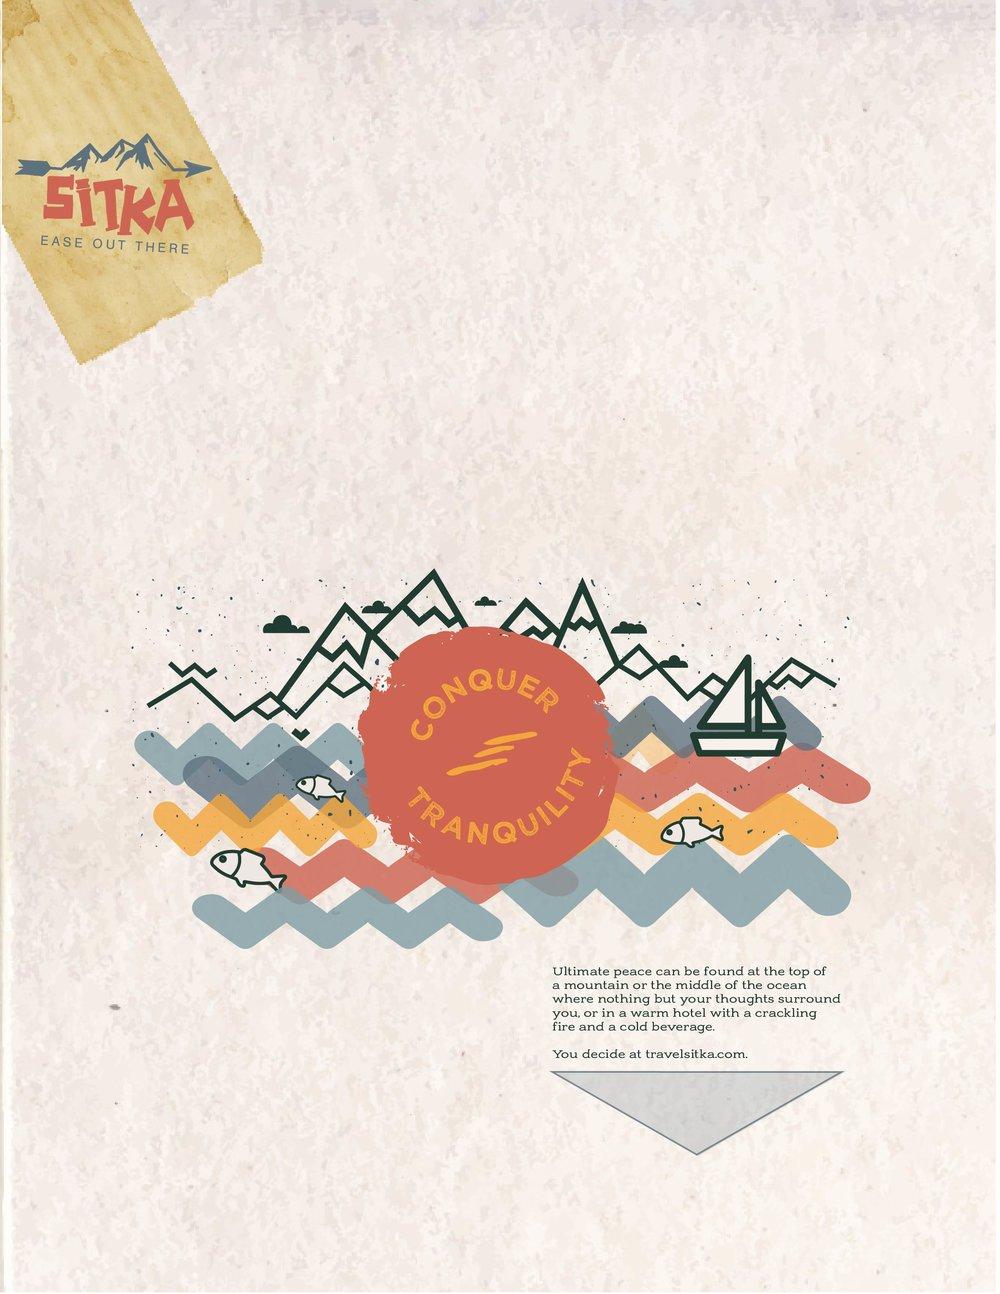 sitka_edits-FINAL01.jpg